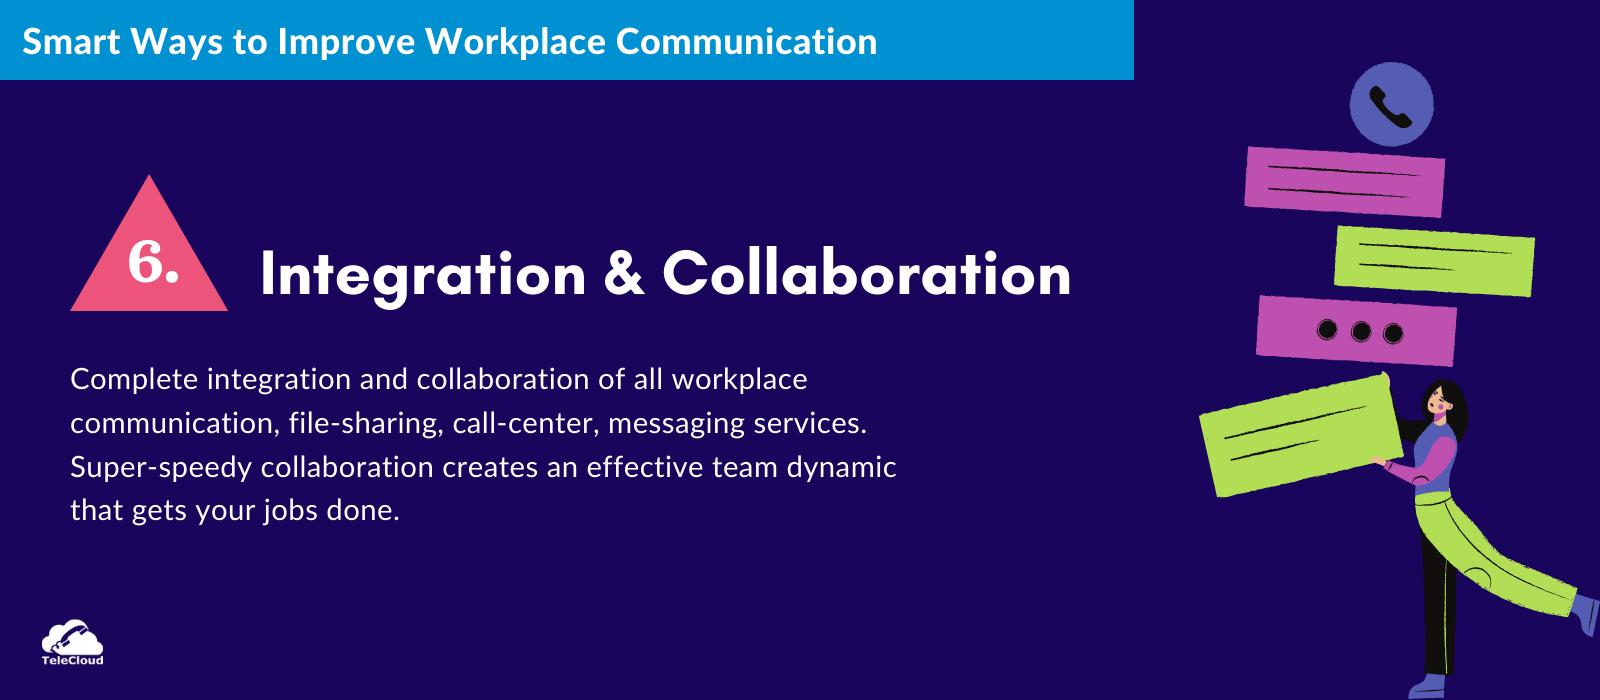 Communication Integration & Collaboration - TeleCloud